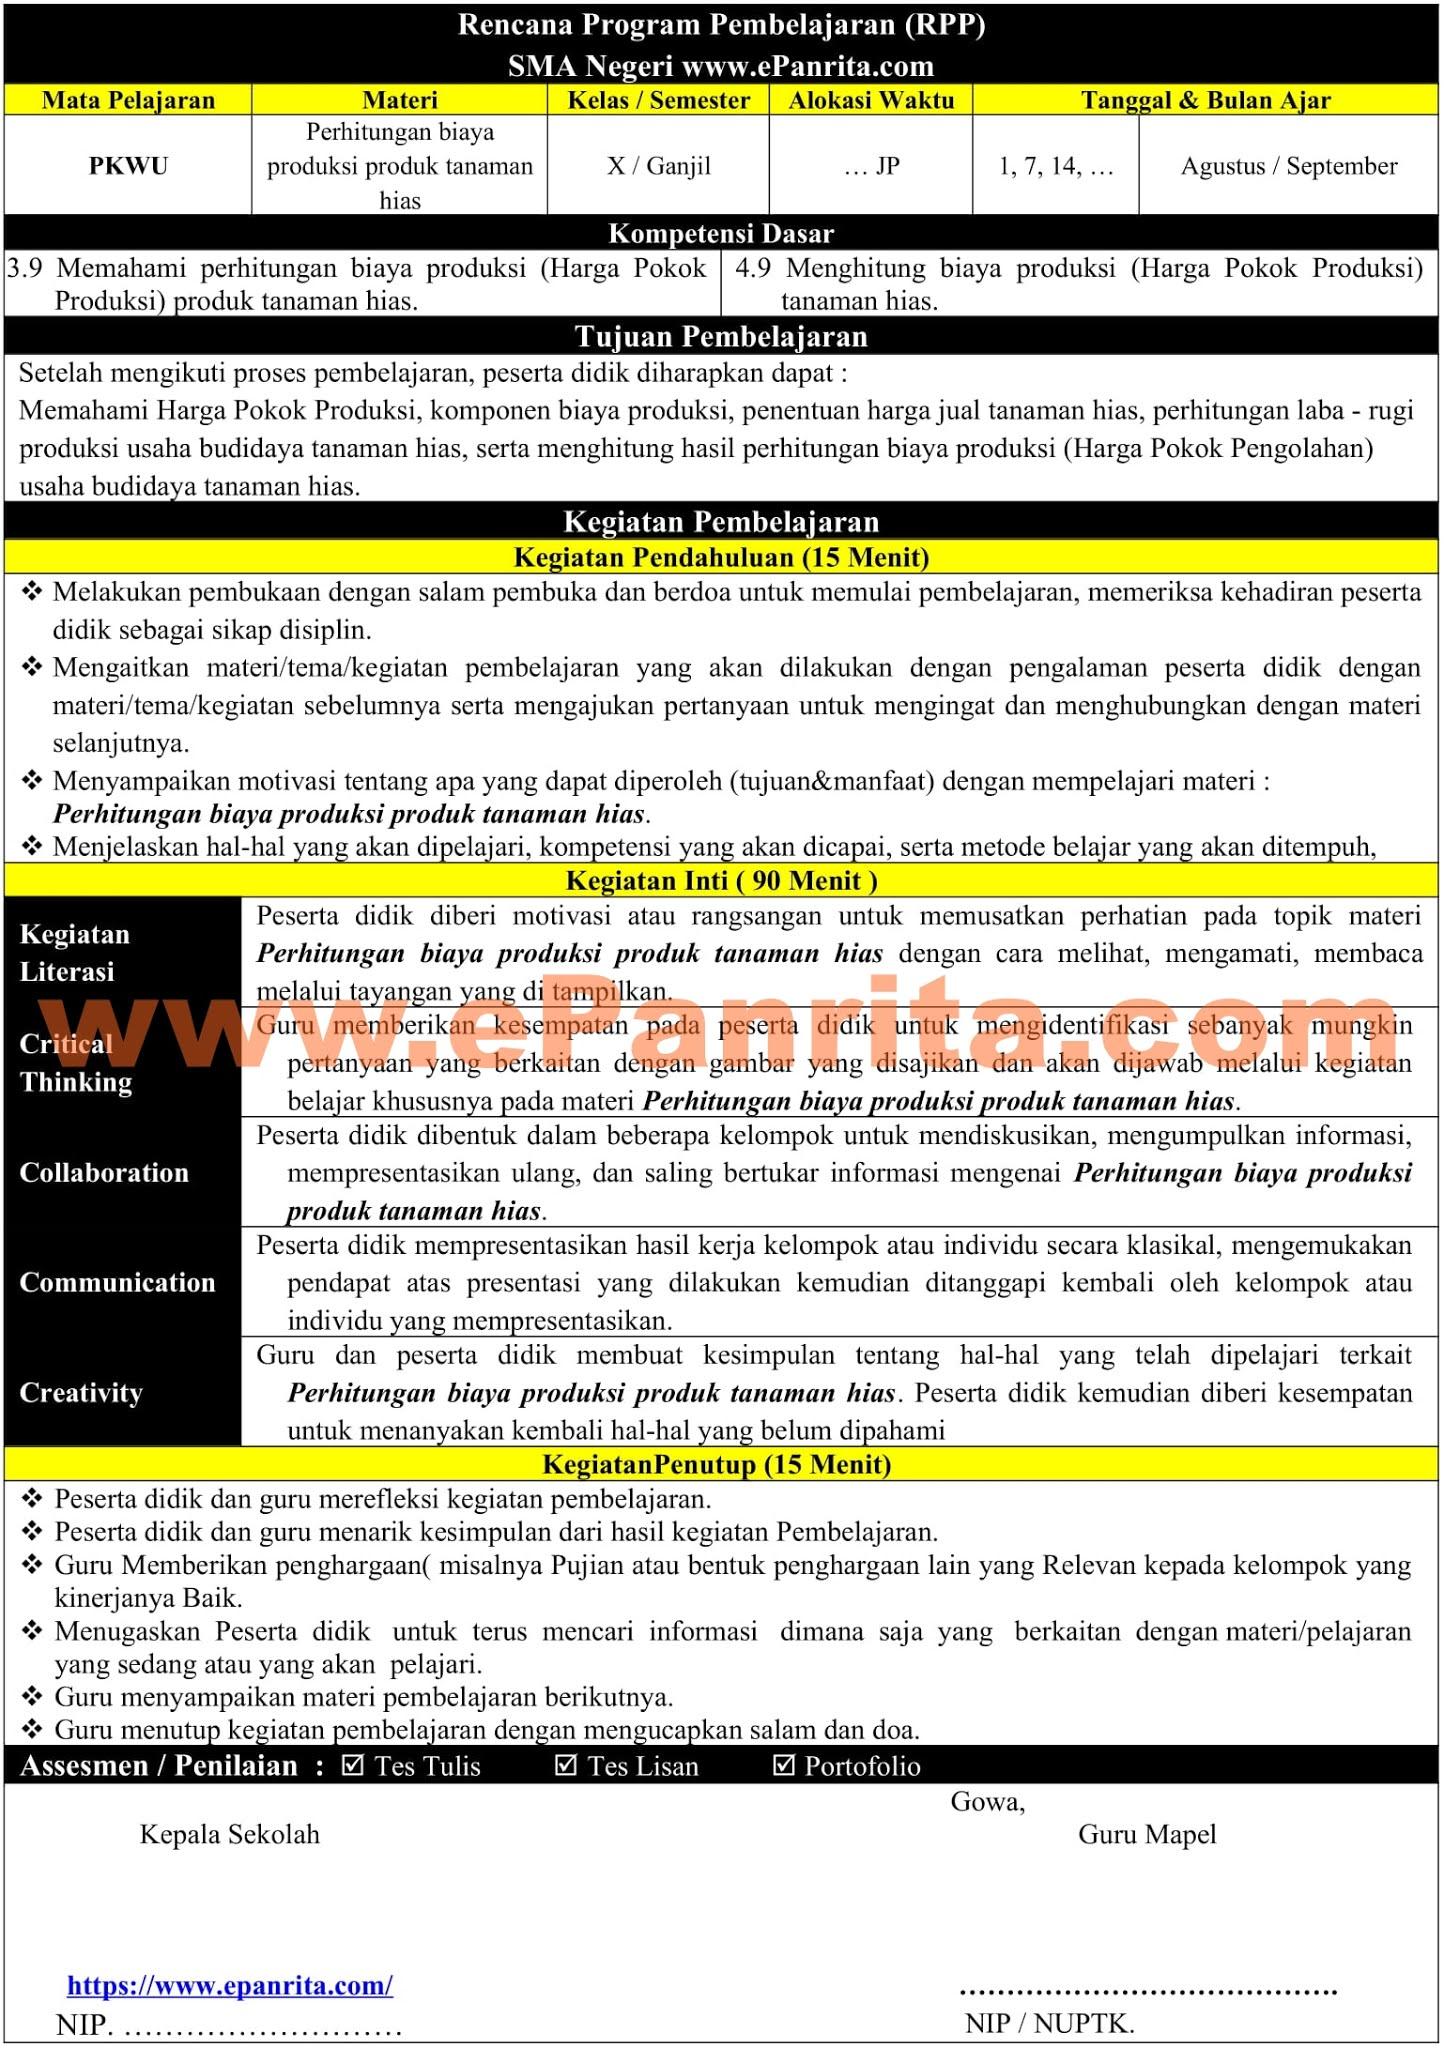 RPP 1 Halaman Prakarya Aspek Budidaya (Perhitungan biaya produksi produk tanaman hias)